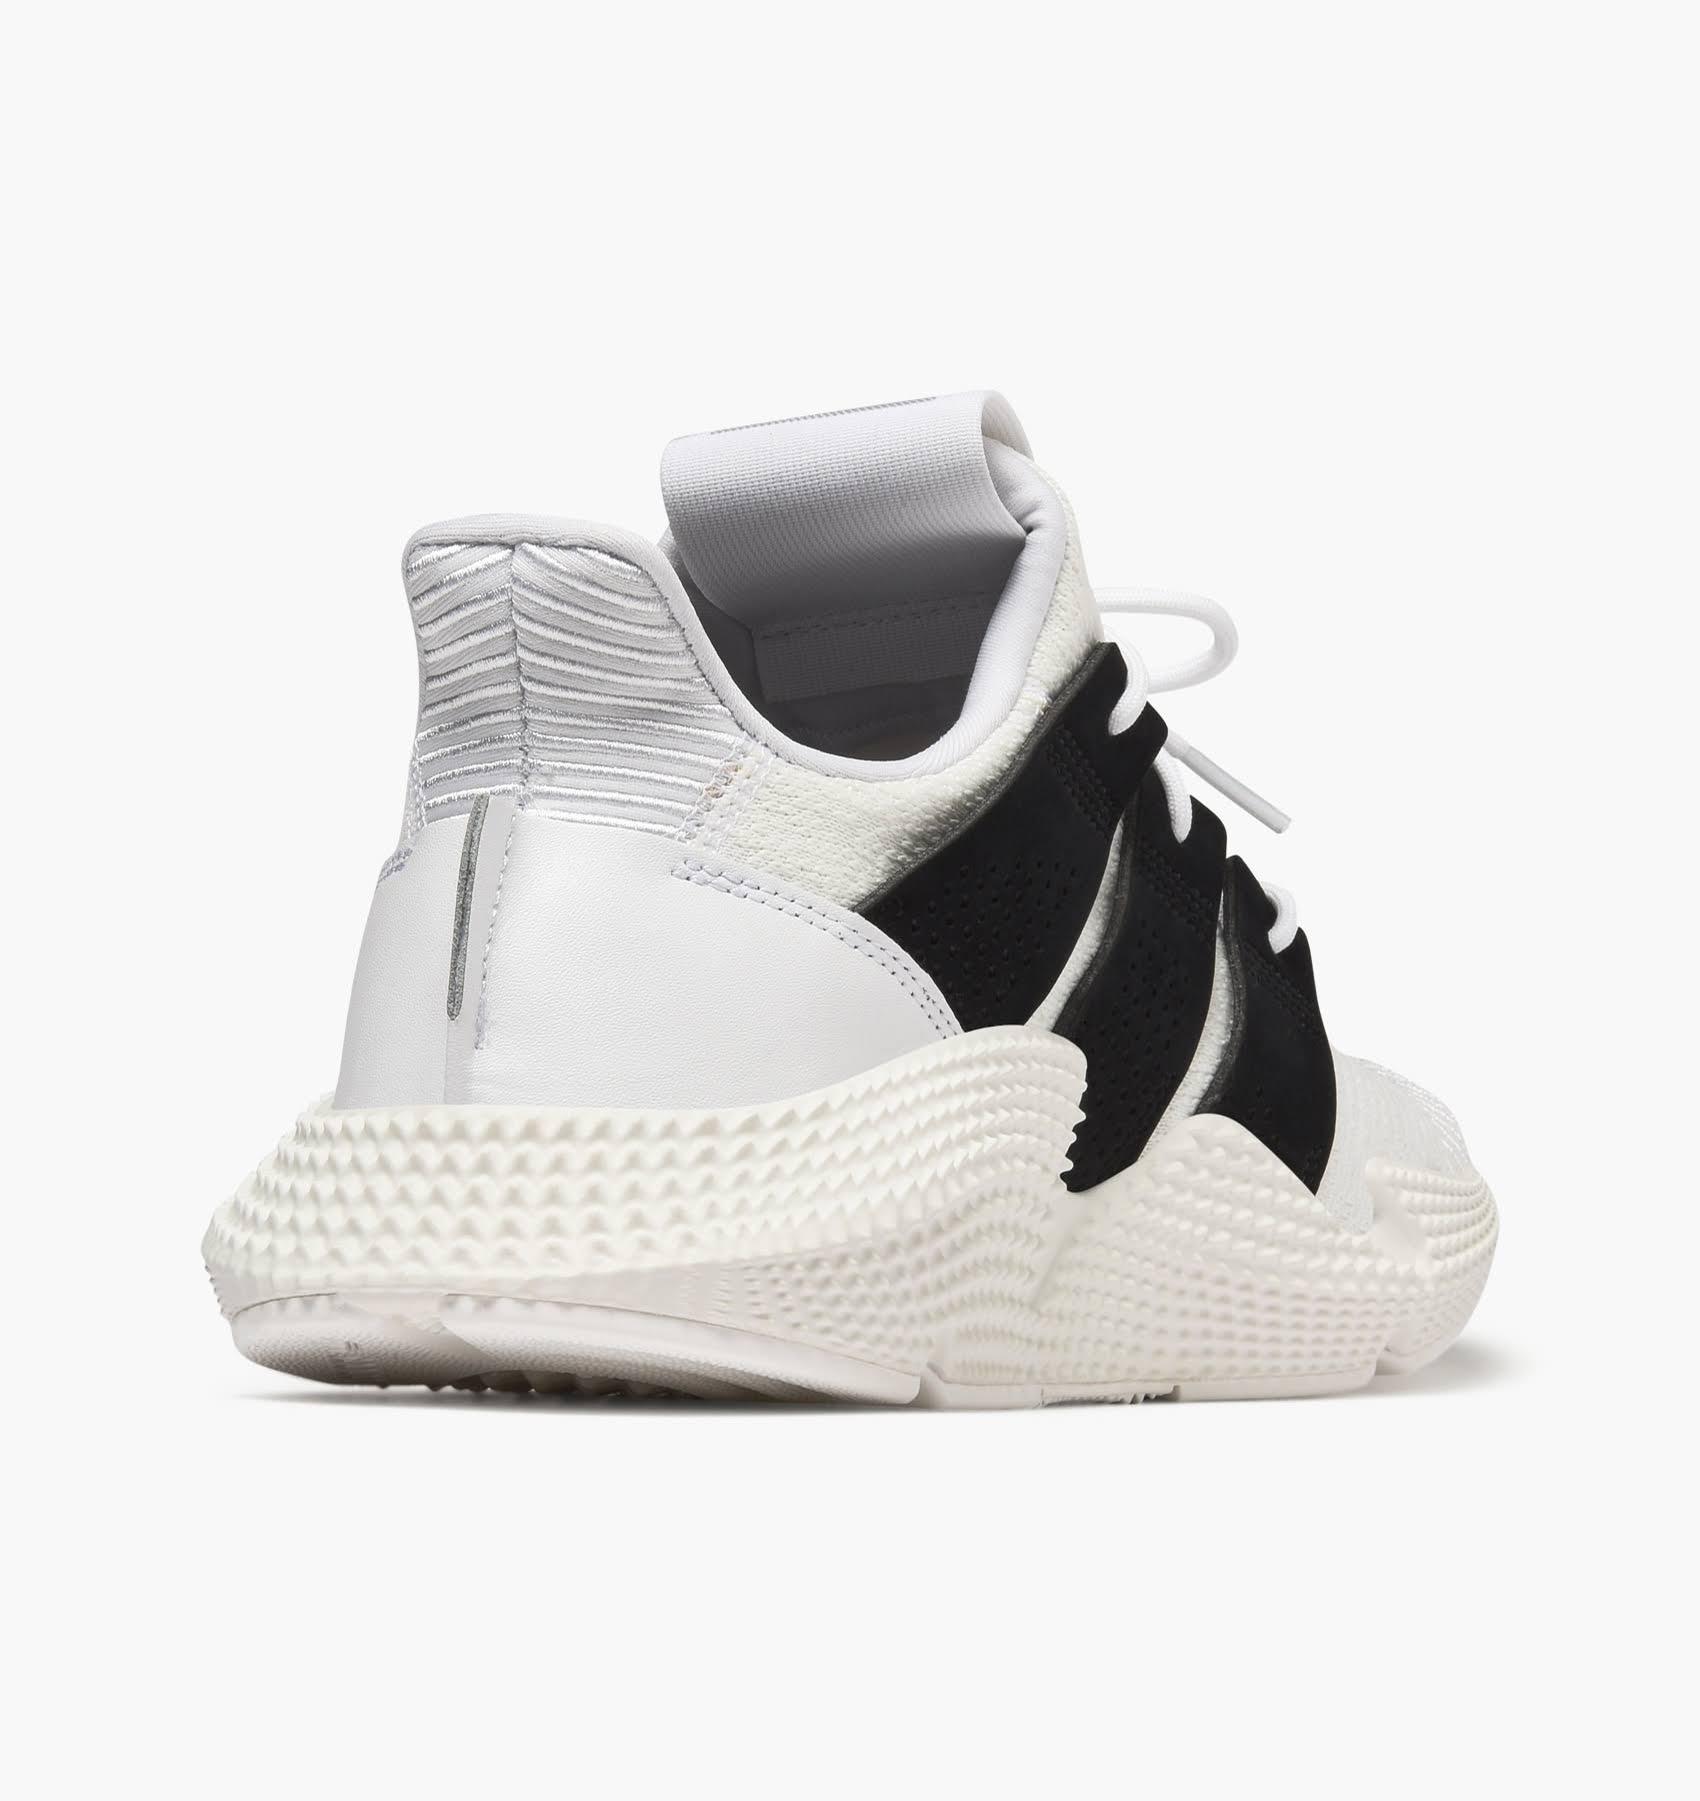 ProphereBiancoNero Adidas ProphereBiancoNero Adidas Originals Originals Adidas Adidas ProphereBiancoNero ProphereBiancoNero Originals Adidas Originals dBeWCrxo